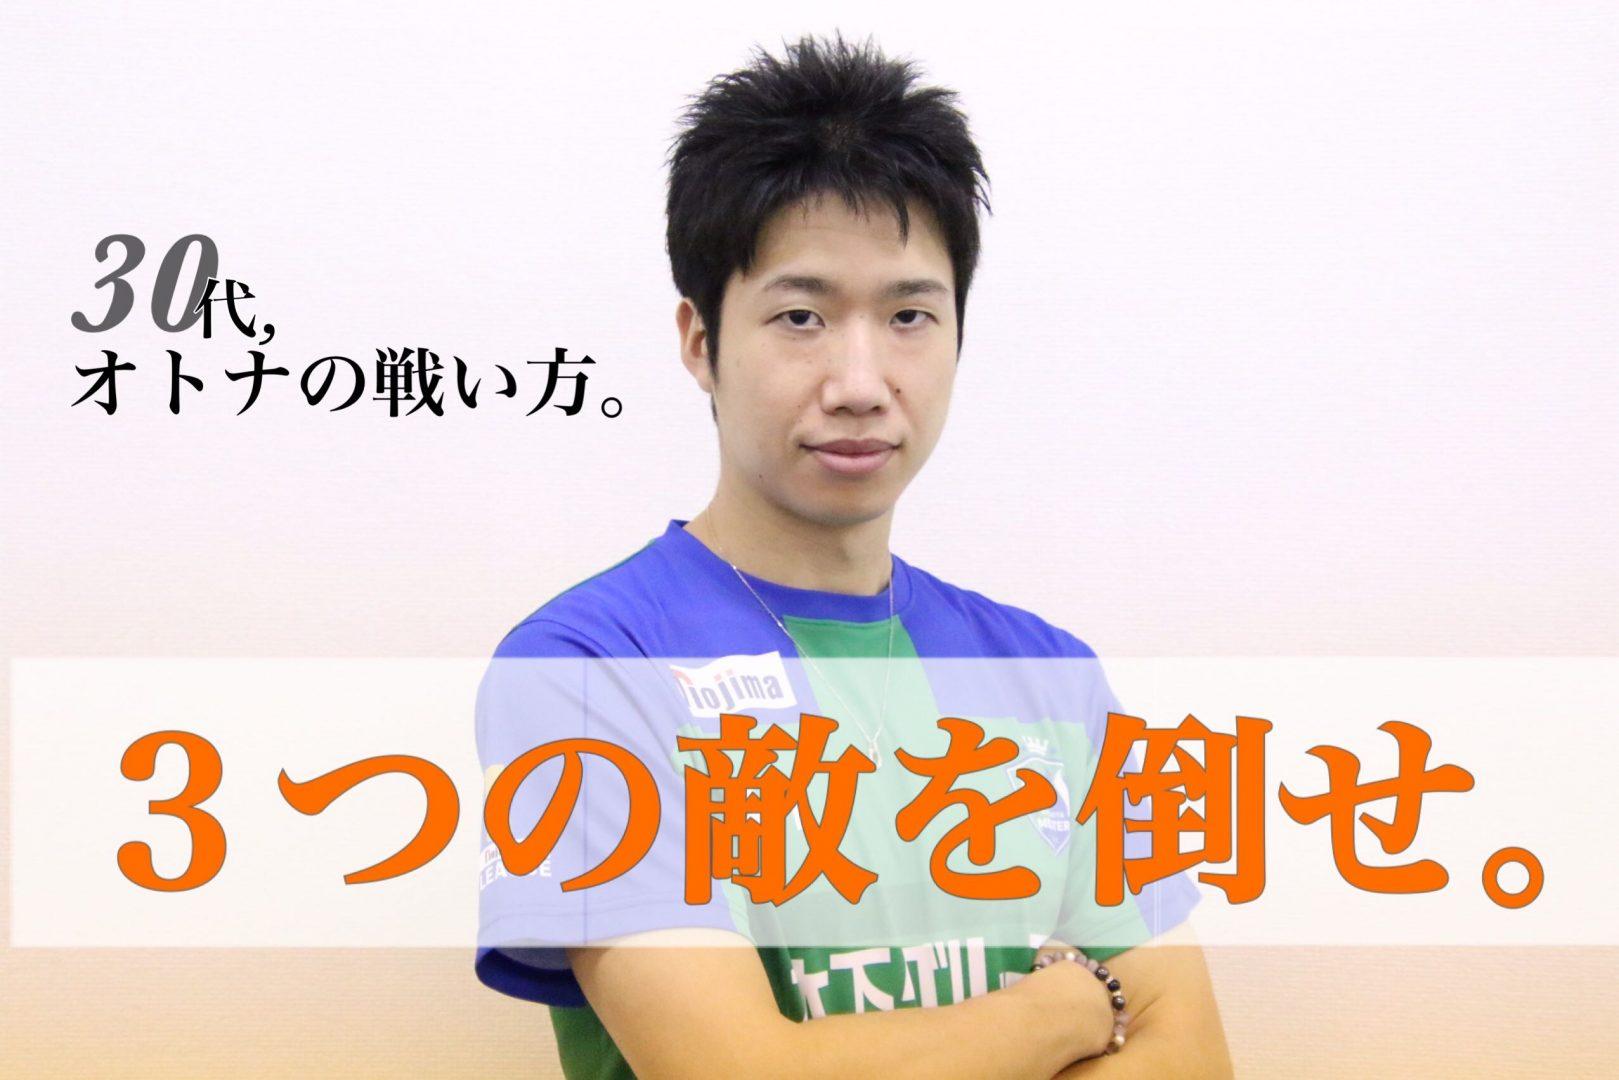 """卓球・水谷隼、30代突入で極める""""オトナの戦い方""""  3つの敵を倒せ"""